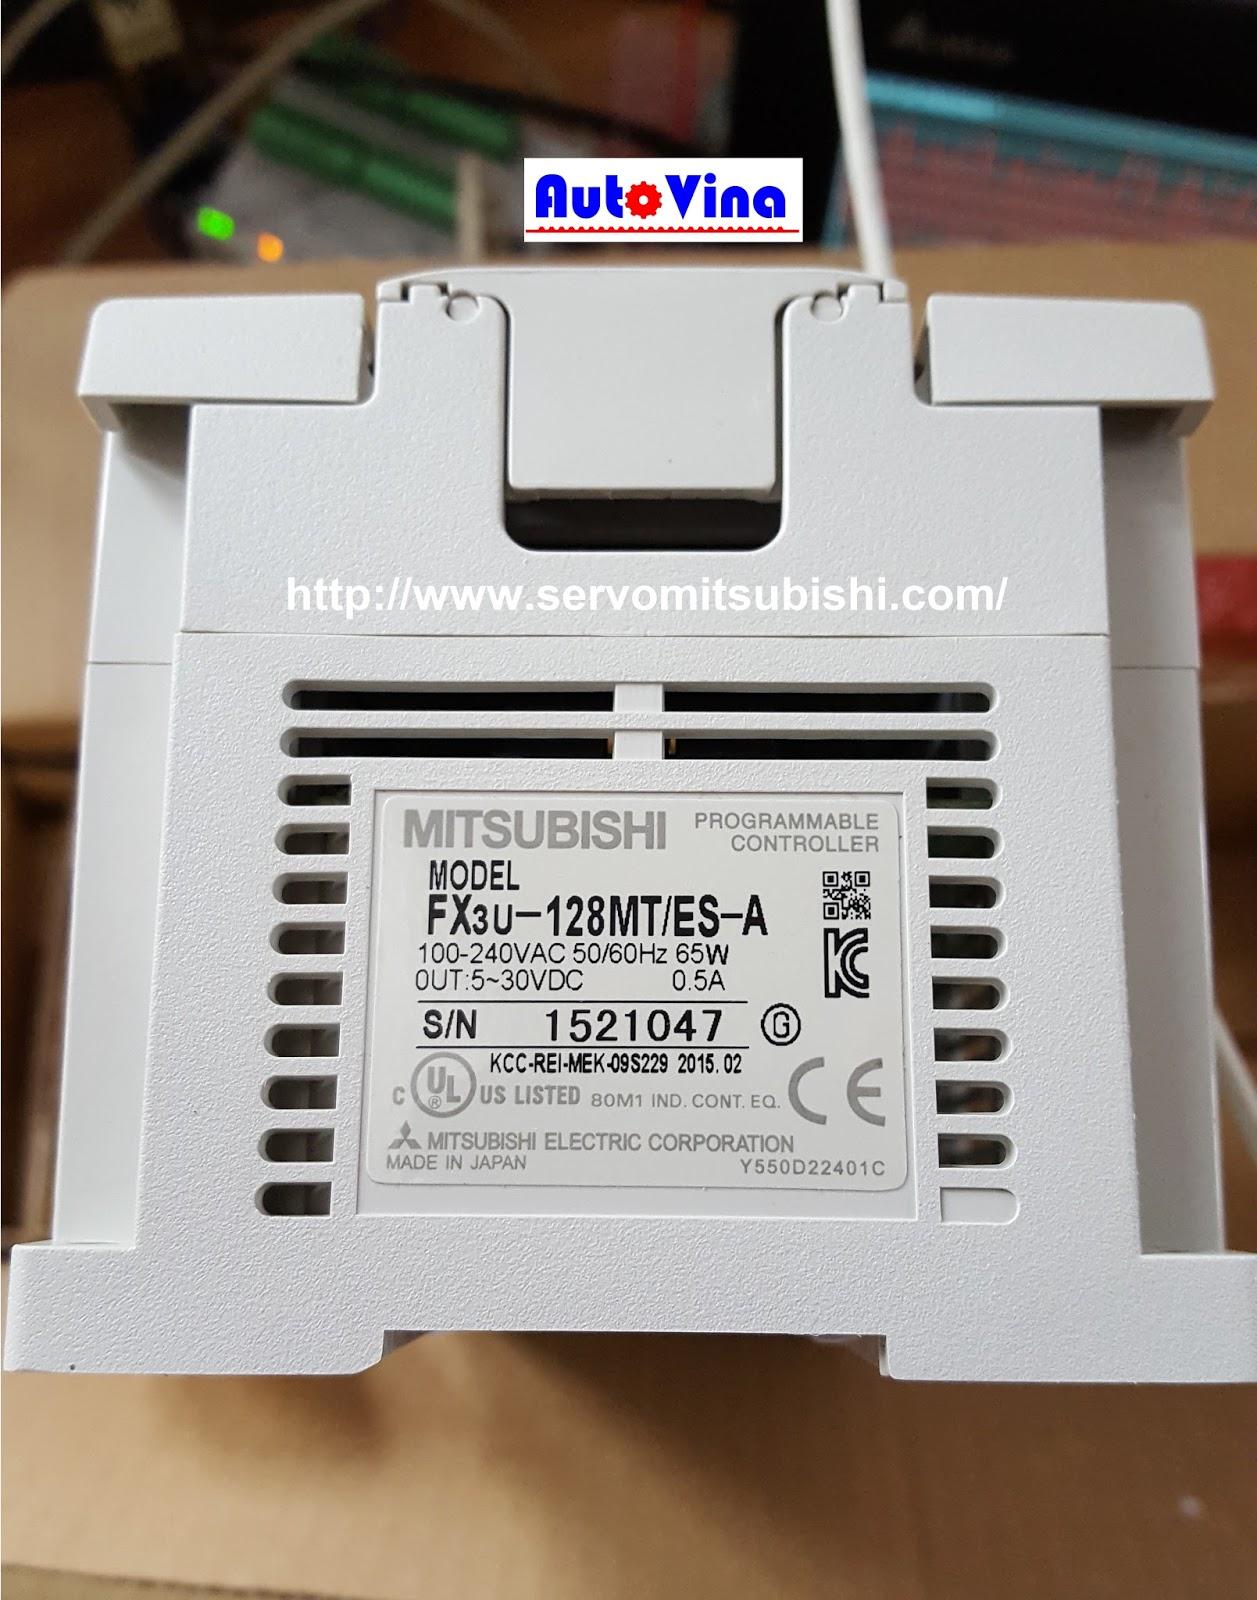 Đại lý bán, phân phối bộ điều khiển PLC Mitsubishi FX3U-128MT/ES-A giá bán tốt nhất